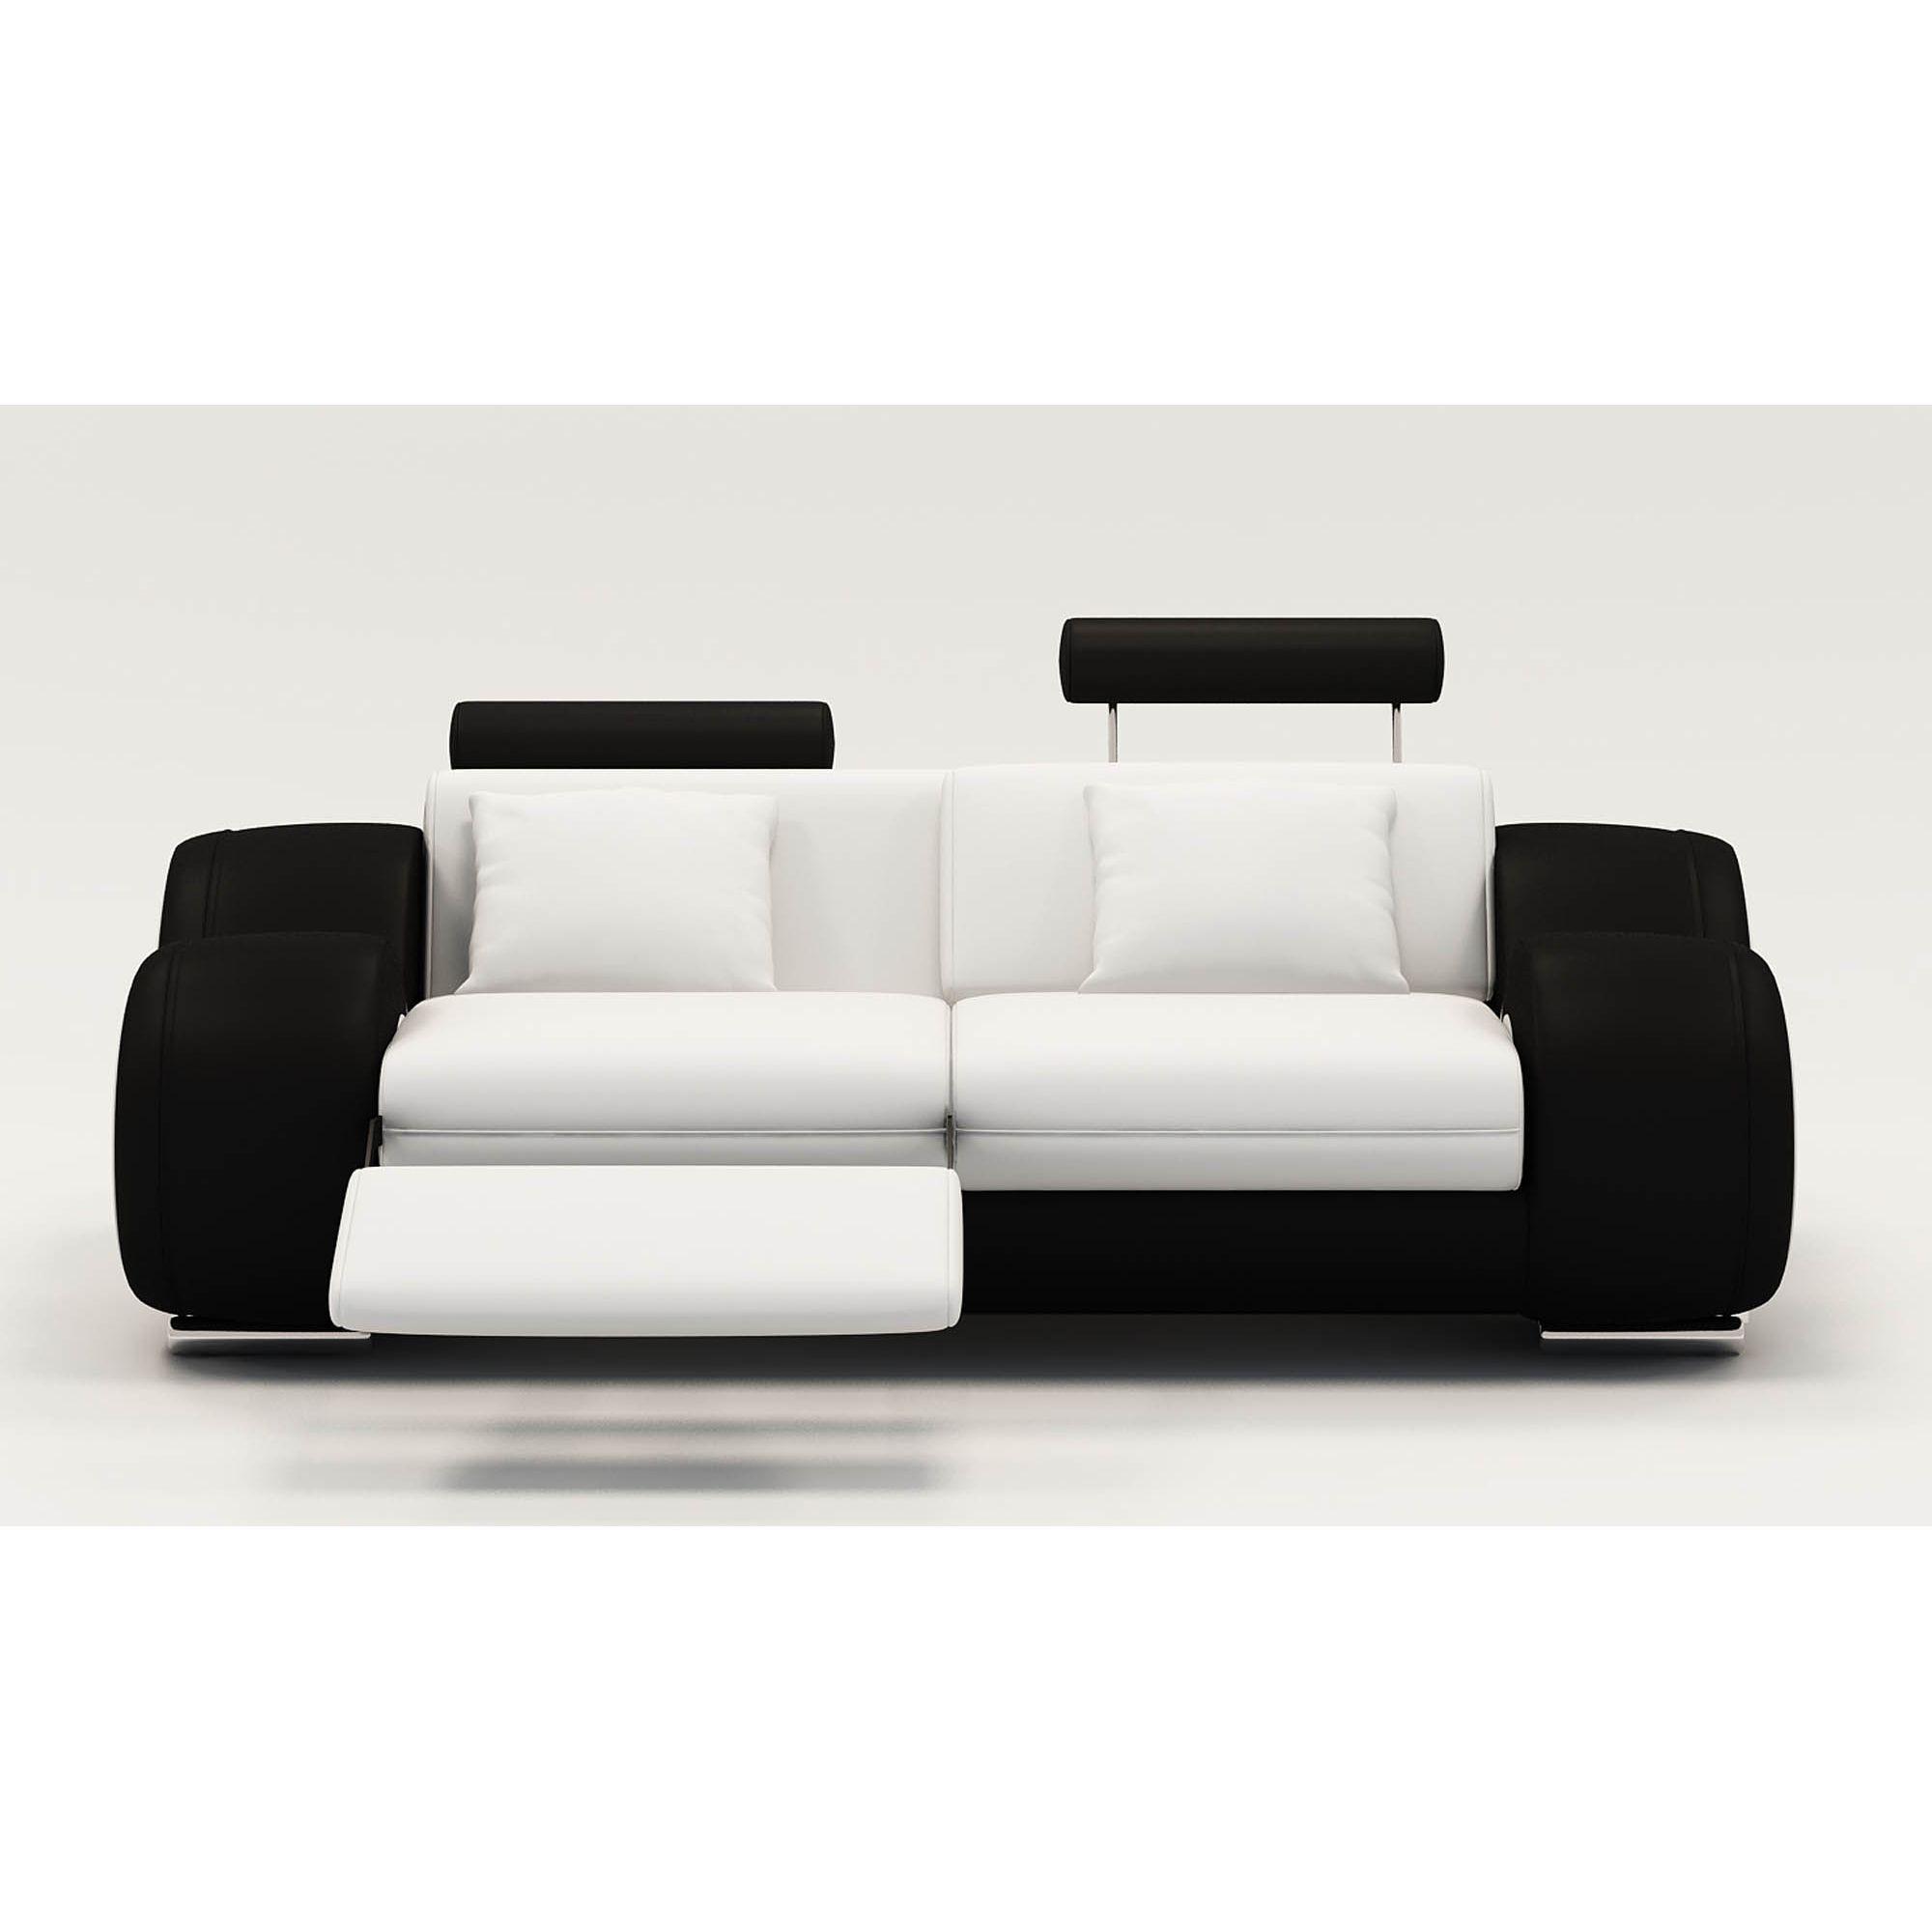 Ensemble Canapé Relax Design 3+2+1 Places Blanc Et Noir Oslo destiné Canape Relax 2 Places